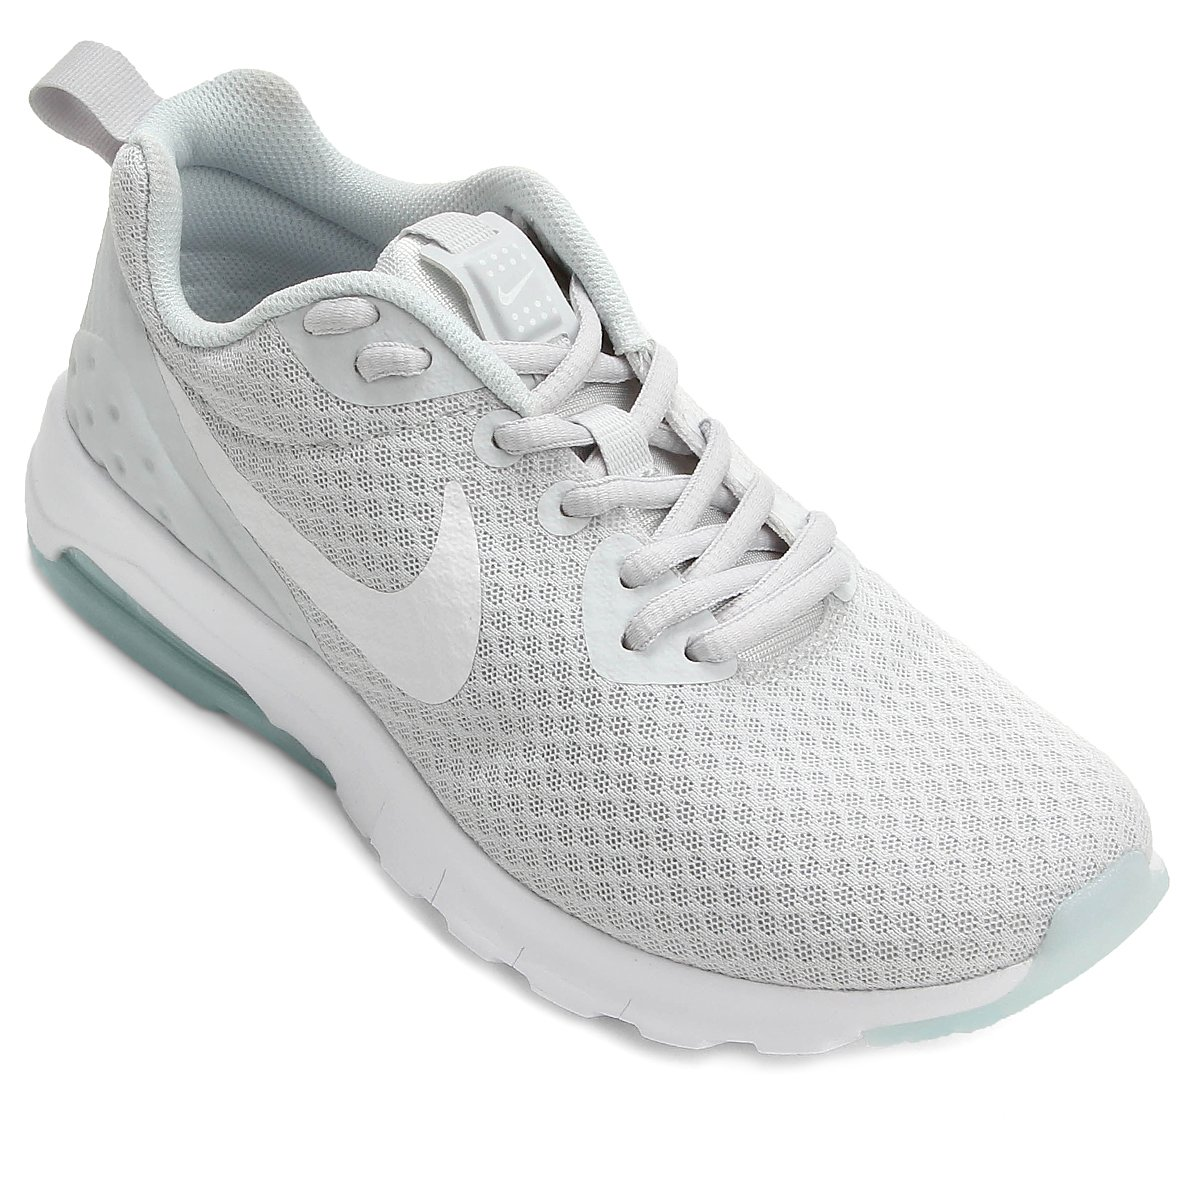 b0f868246b3 Tênis Nike Air Max Motion Lw Feminino - Compre Agora